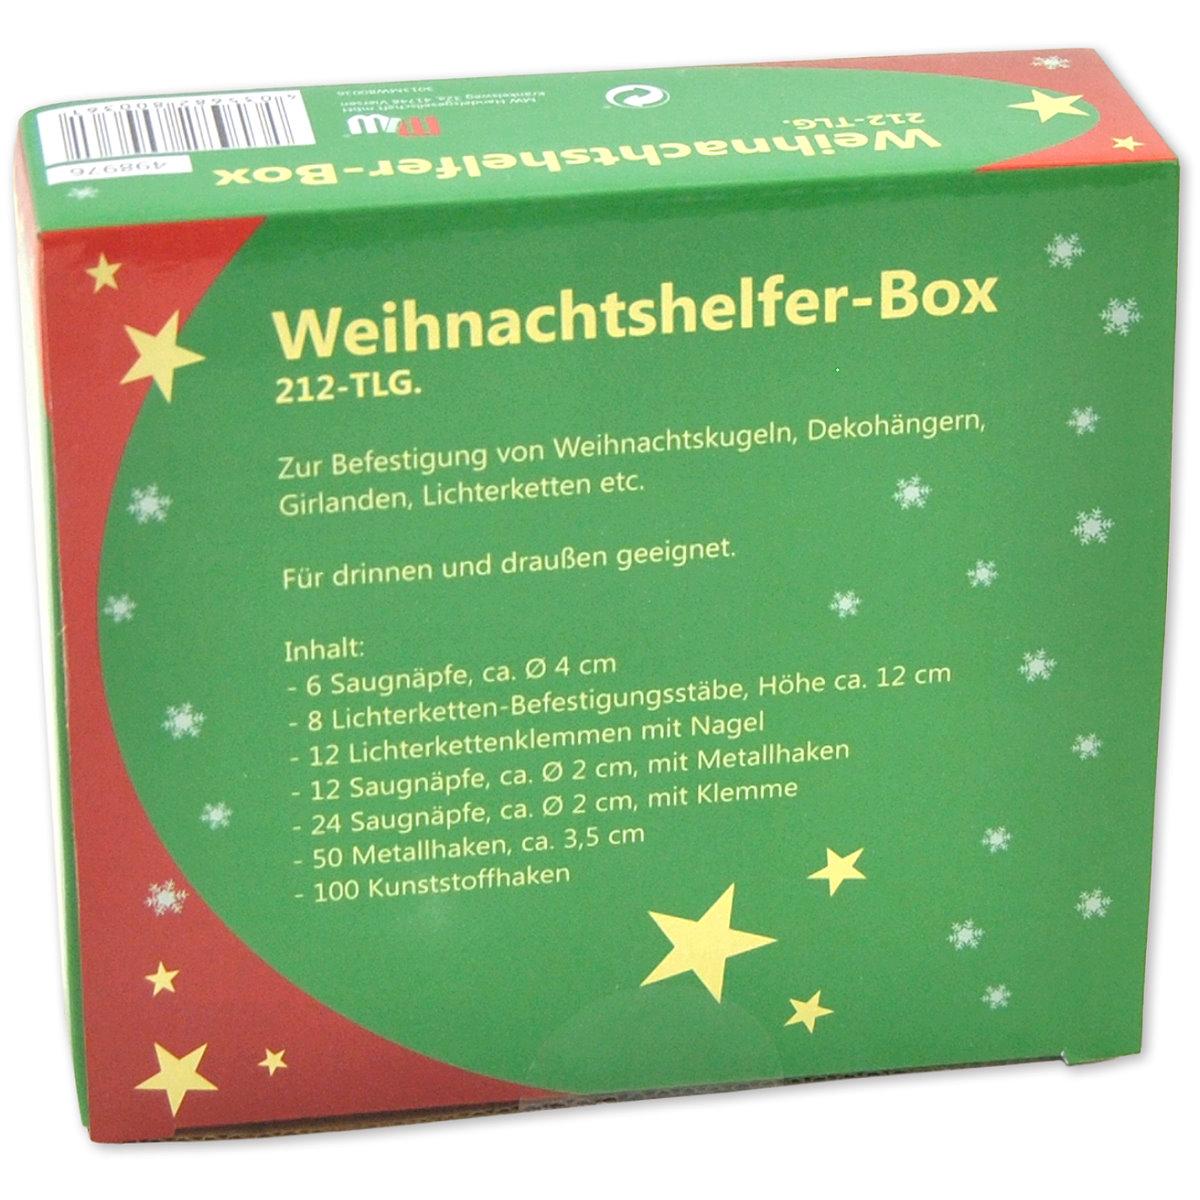 212-tlg. Box mit Weihnachtshelfern Image